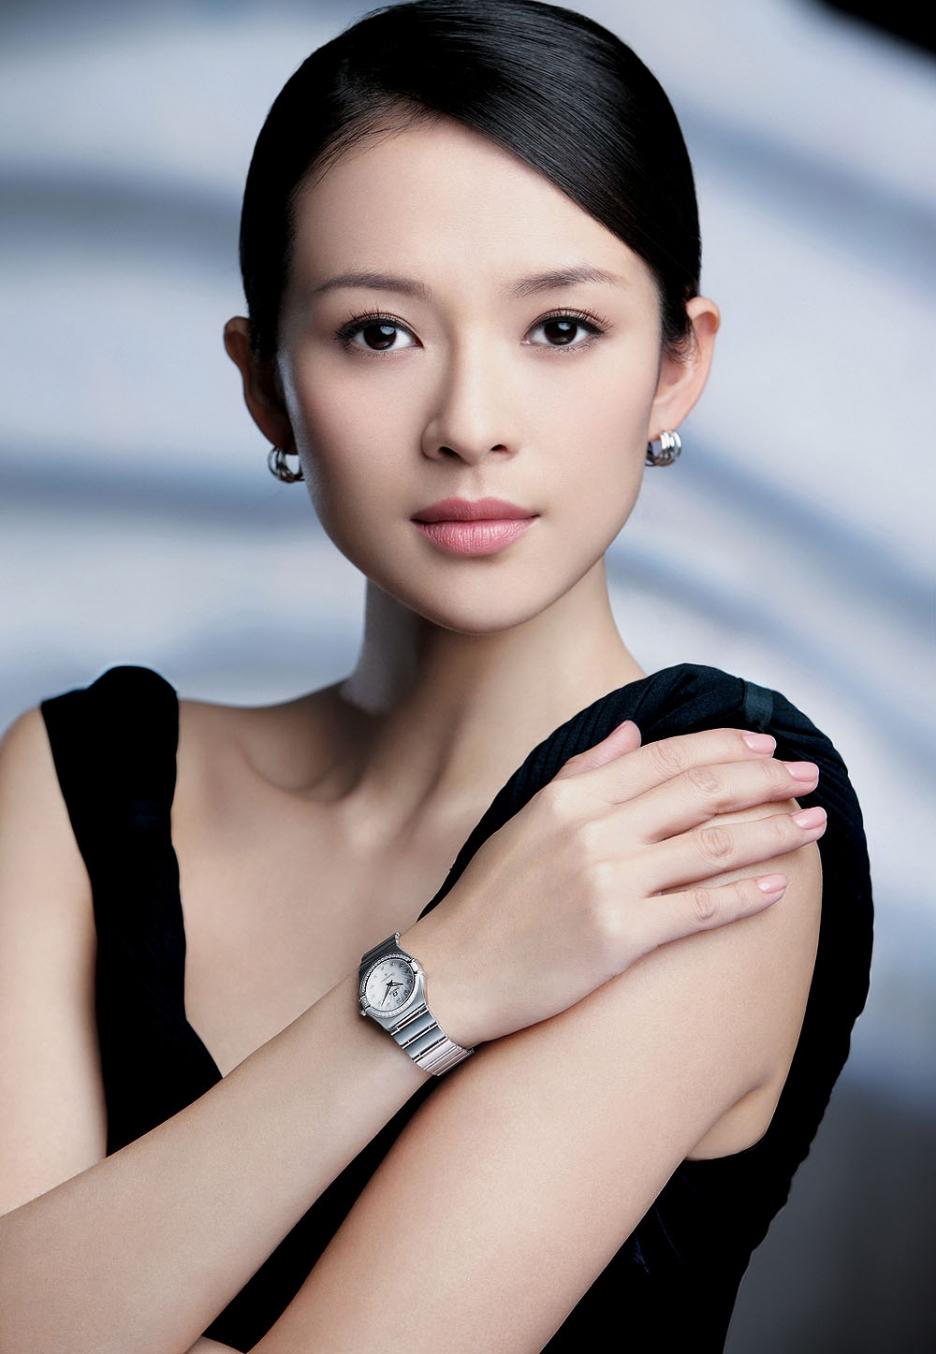 Celebrity Pics: Ziyi Zhang